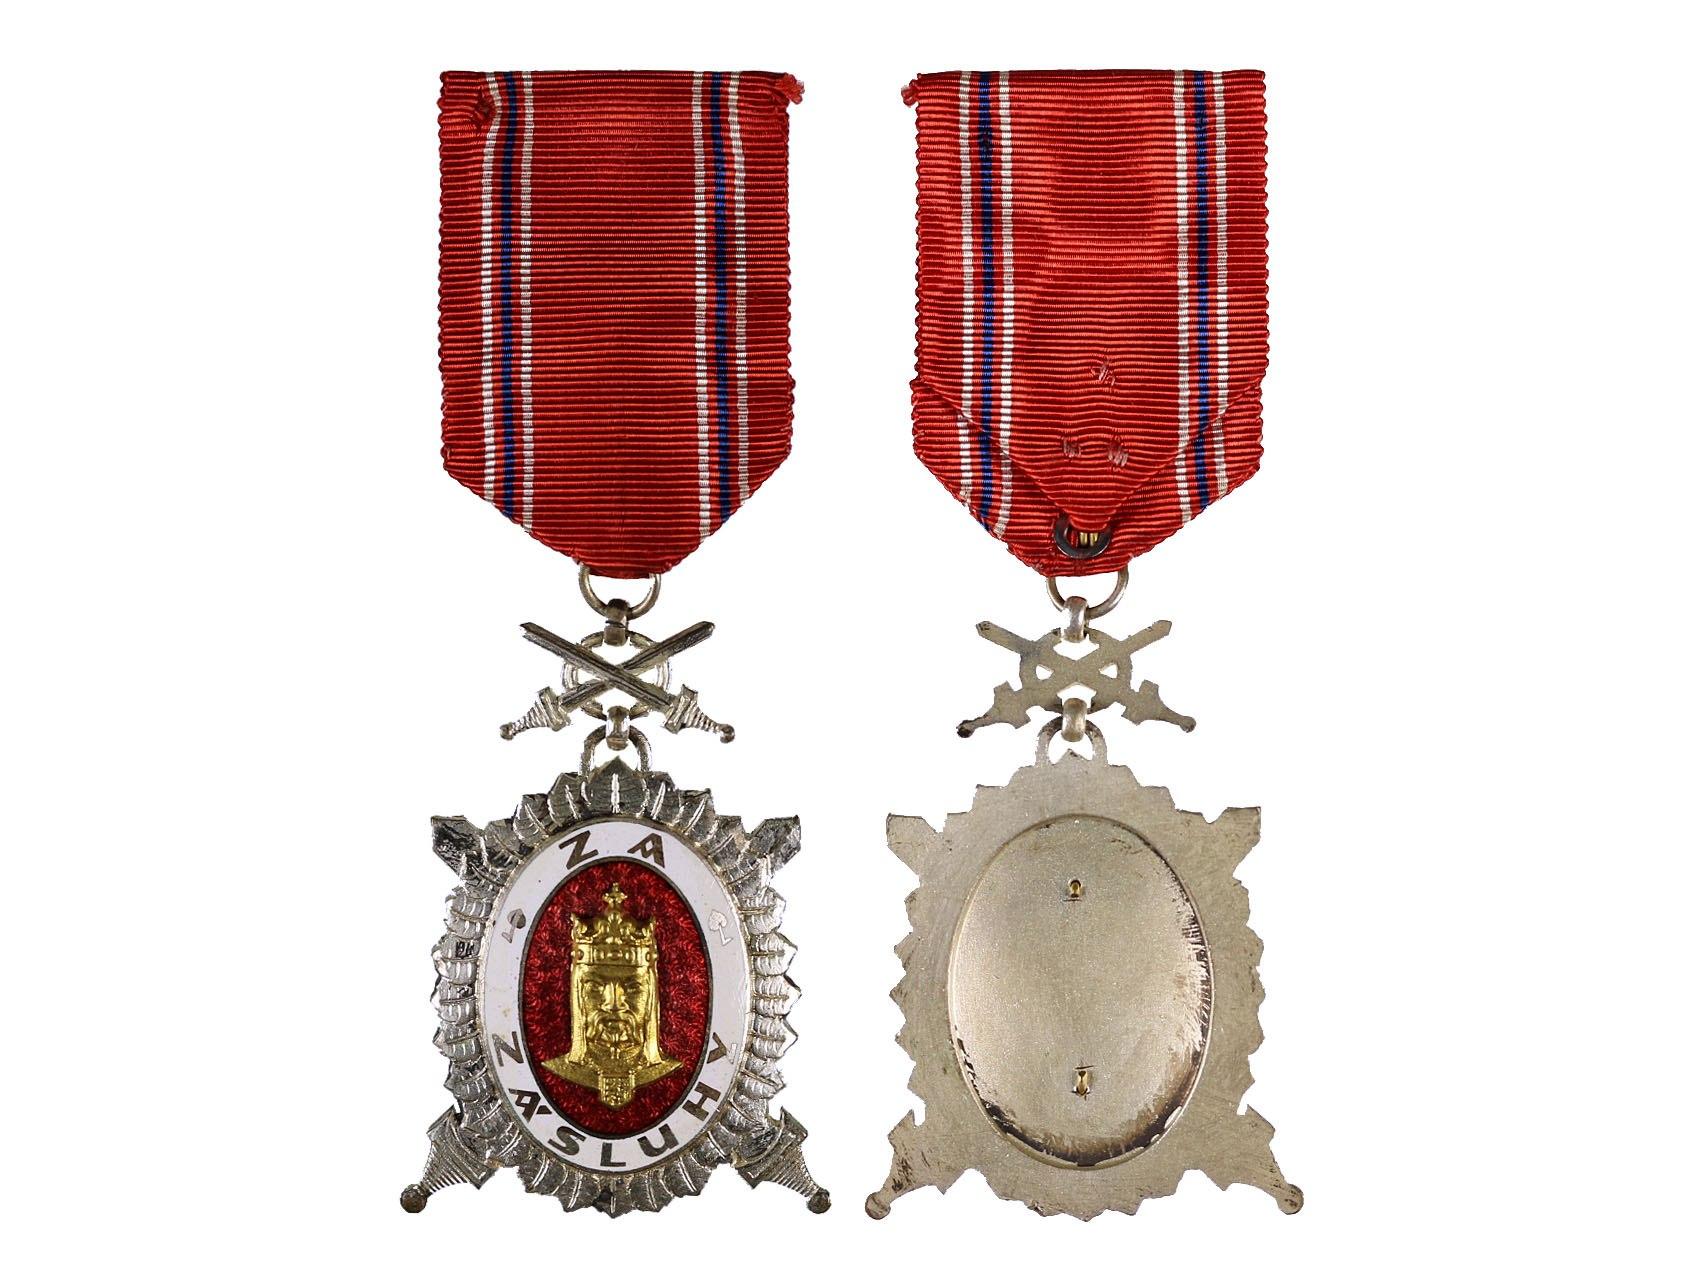 Diplomový čestný odznak krále Karla IV., stupeň čestný člen, Stříbrný čestný odznak 1. třídy za vojenské zásluhy, typ 1945-1949, N96b1a